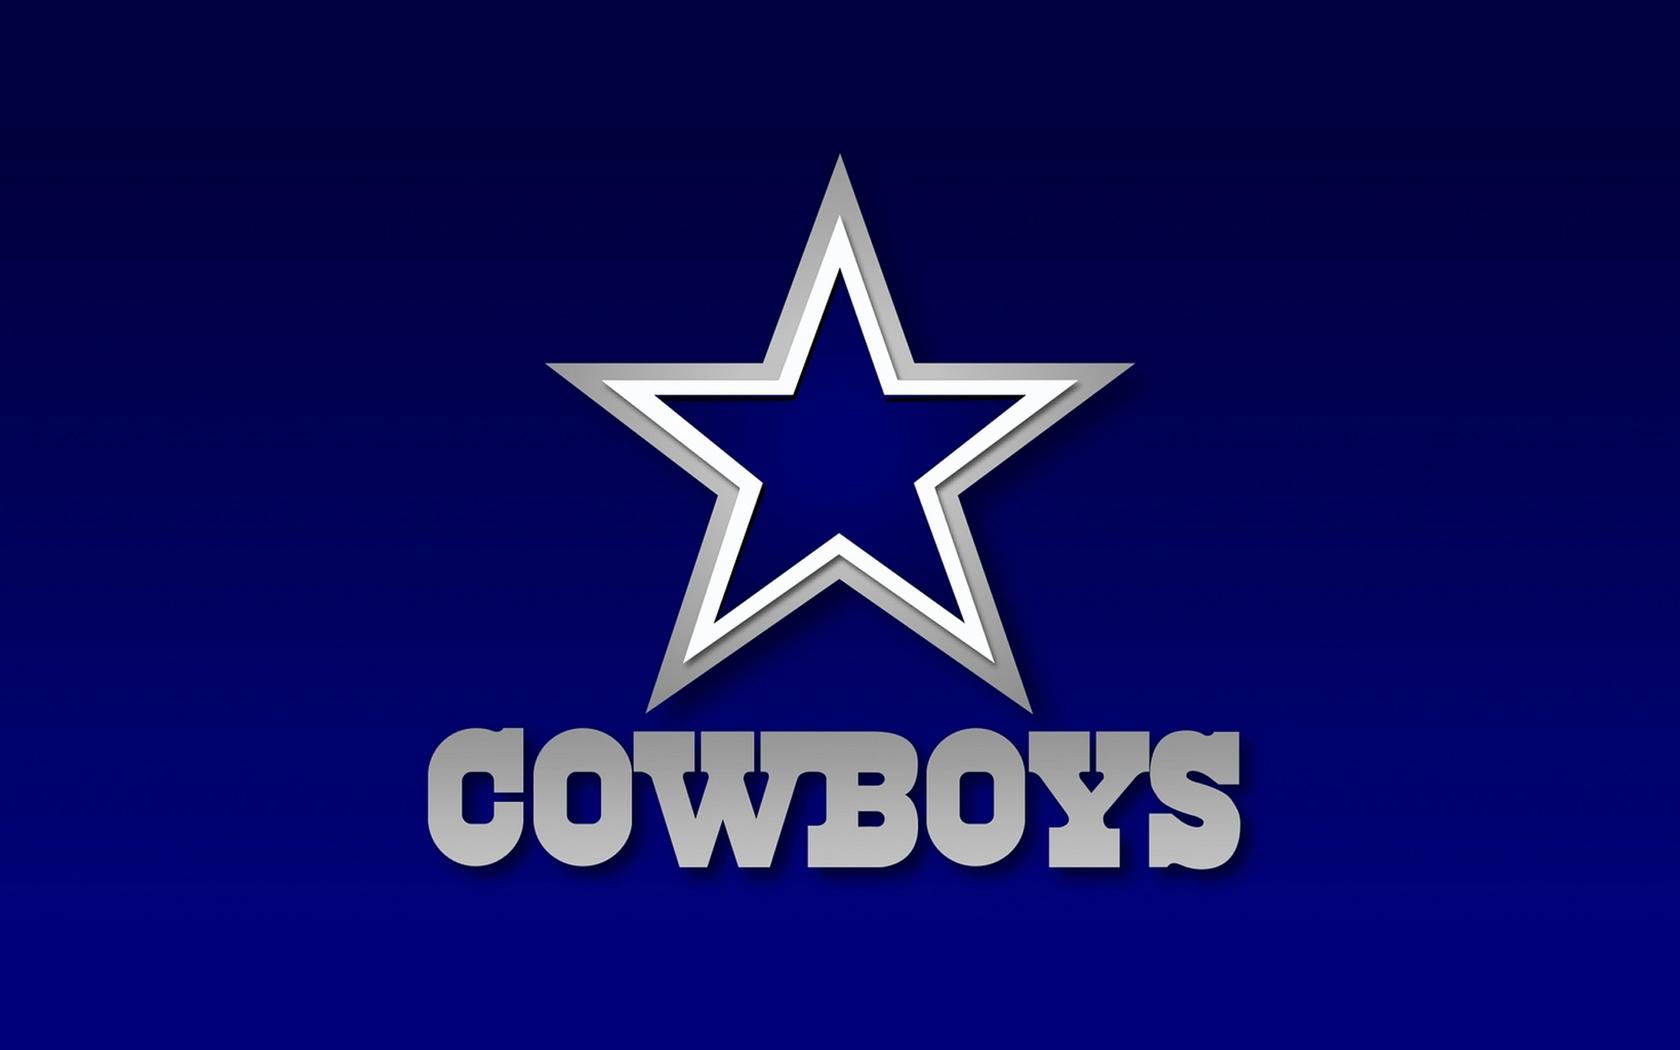 Dallas Cowboys background image Dallas Cowboys wallpapers 1680x1050